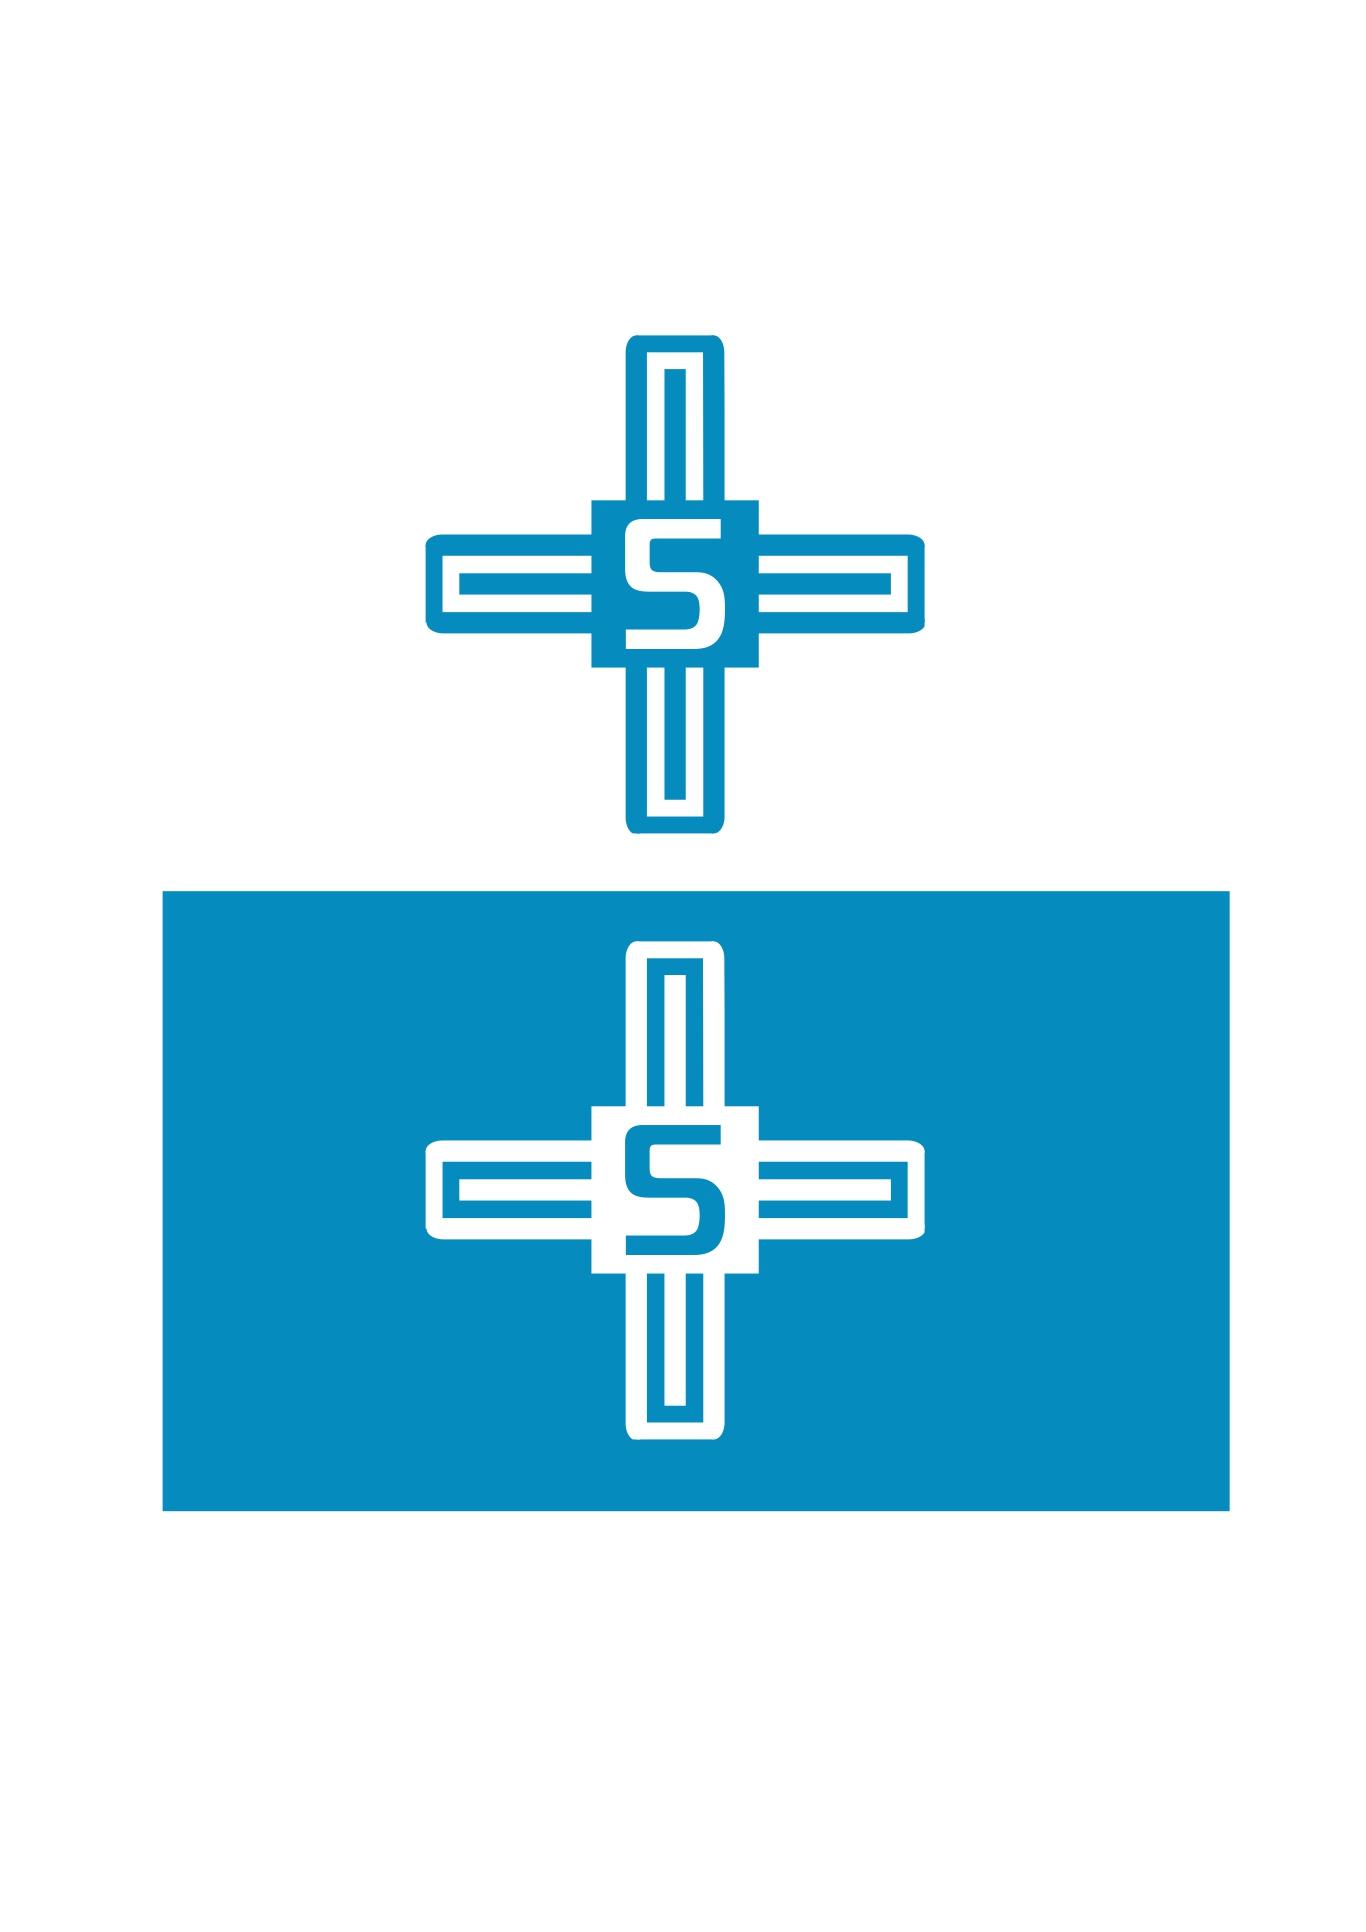 Готовый логотип или эскиз (мед. тематика) фото f_95655b1fb2f970f1.jpg